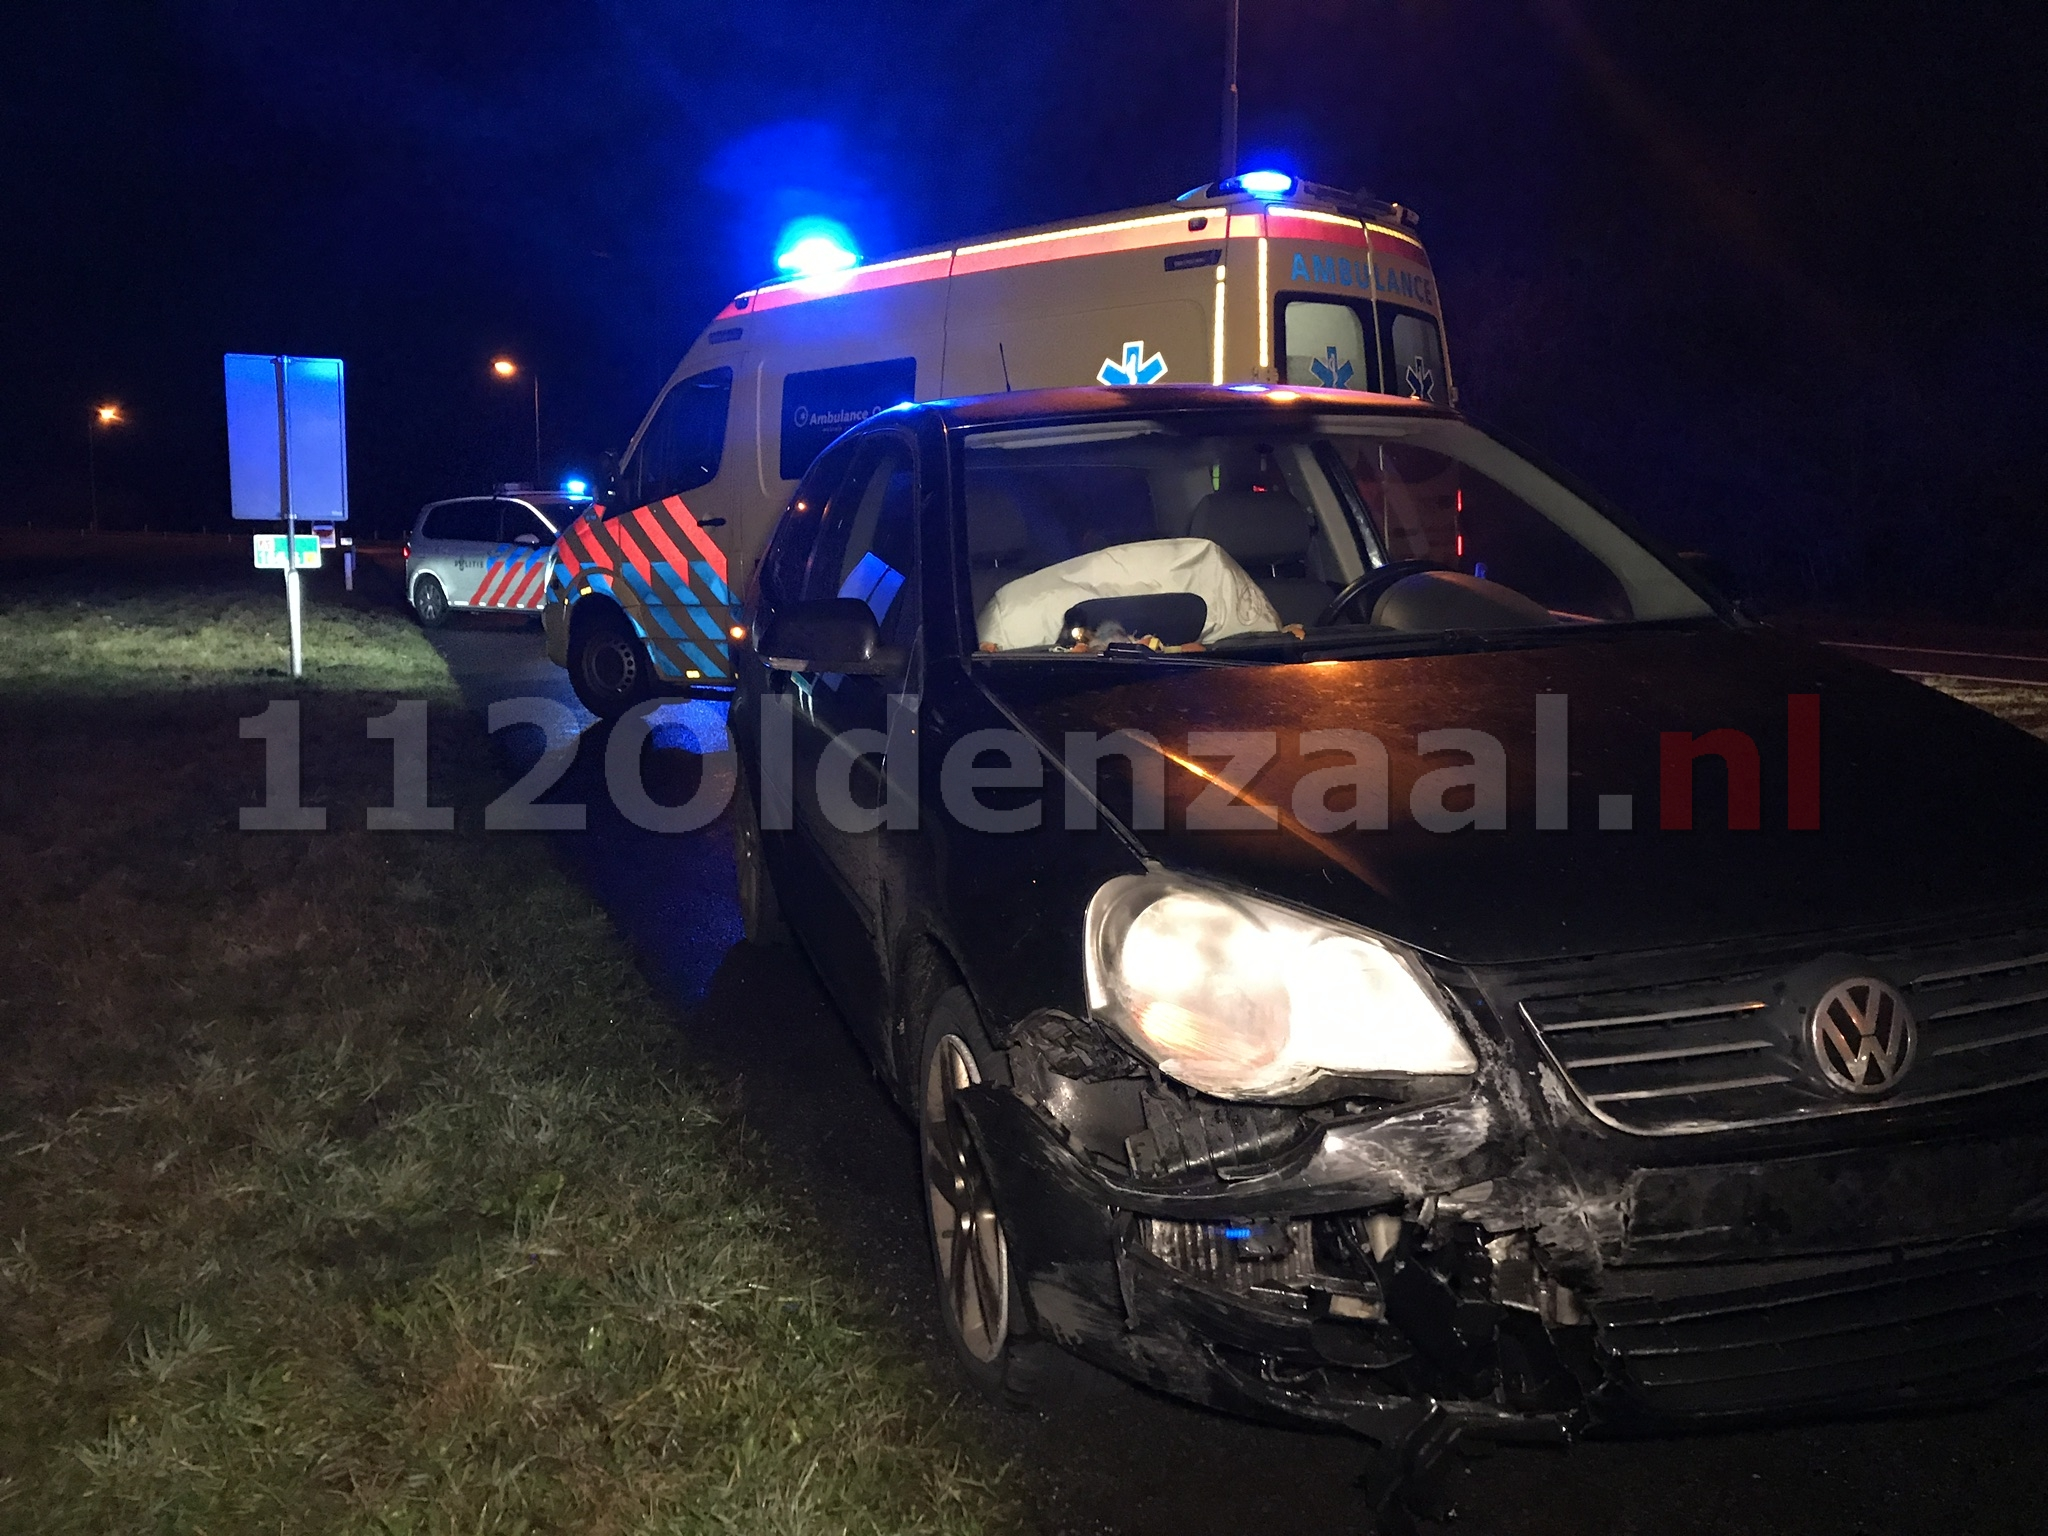 Aanrijding tussen twee voertuigen op de A1 bij Oldenzaal